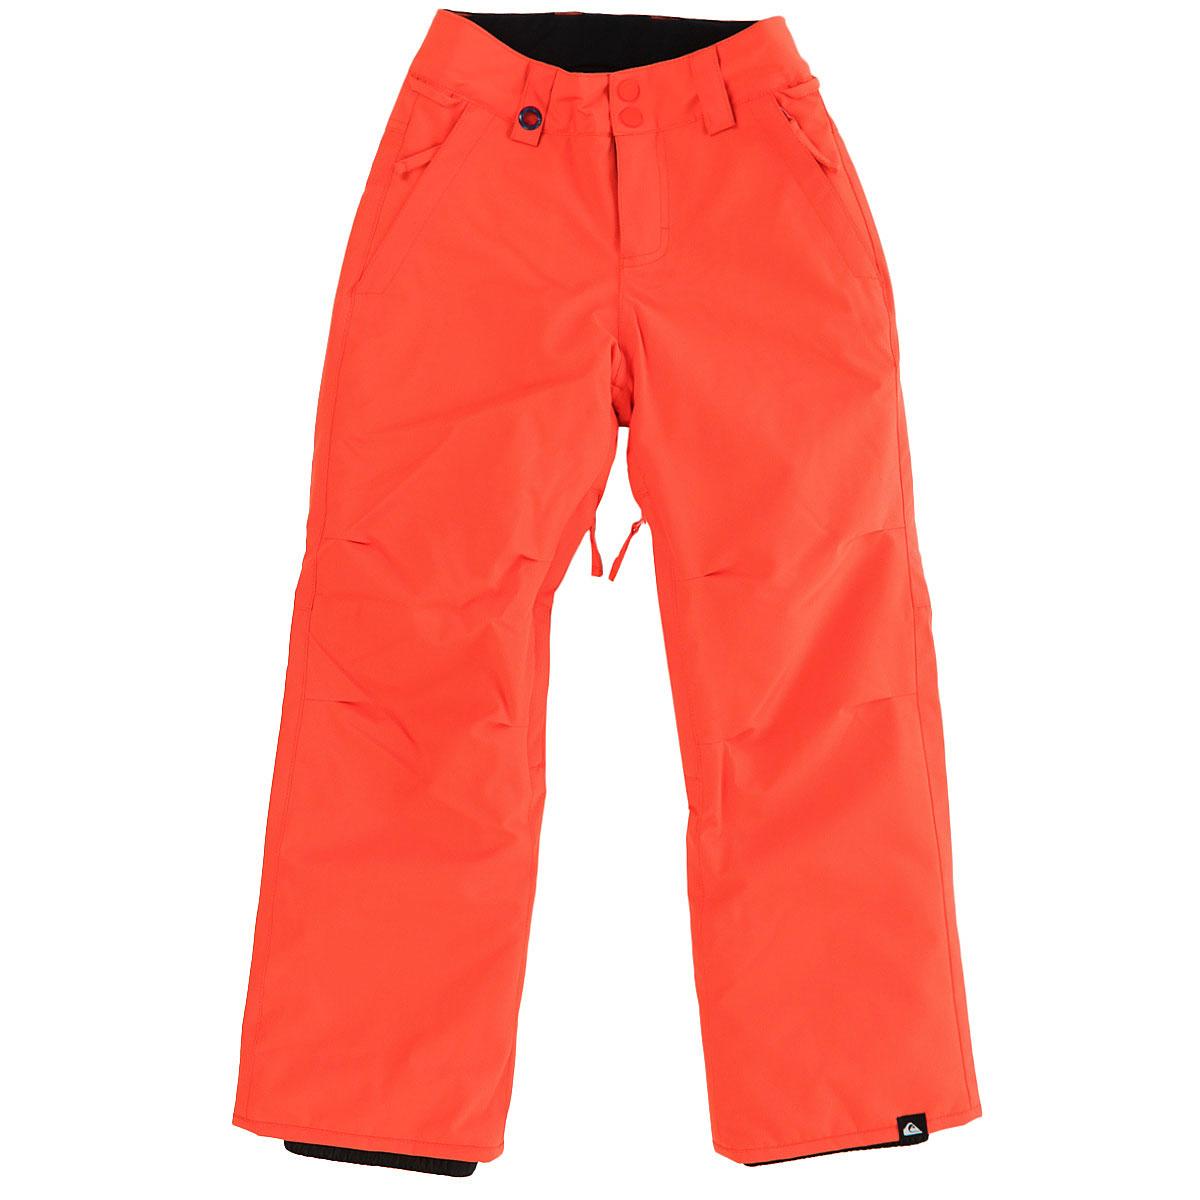 Купить штаны сноубордические детские Quiksilver Estate Youth Pt Mandarin Red  (EQBTP03013-NMS0) в интернет-магазине Proskater.kz bf542e53482